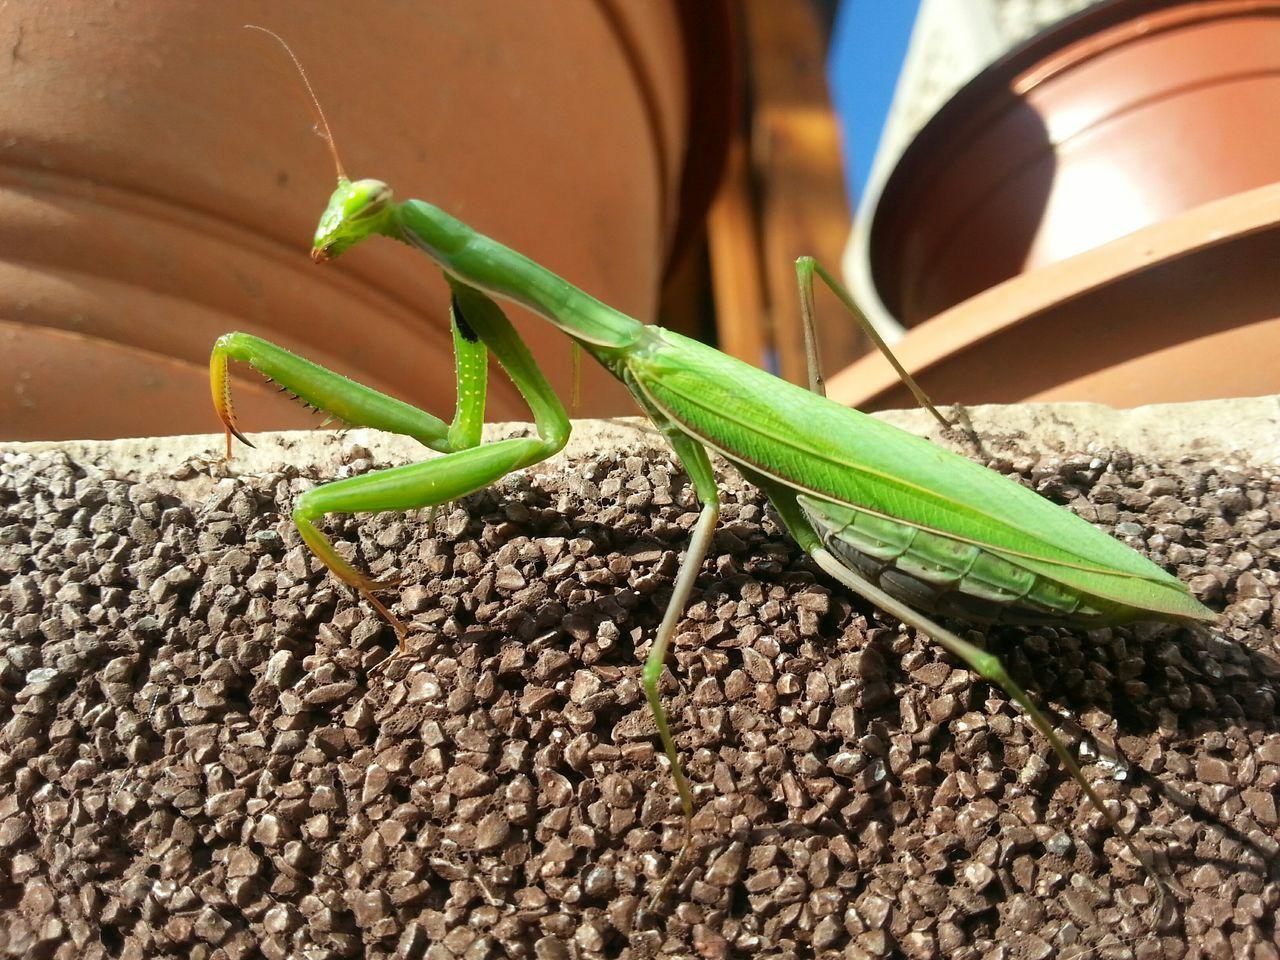 Close-Up Of Praying Mantis On Retaining Wall